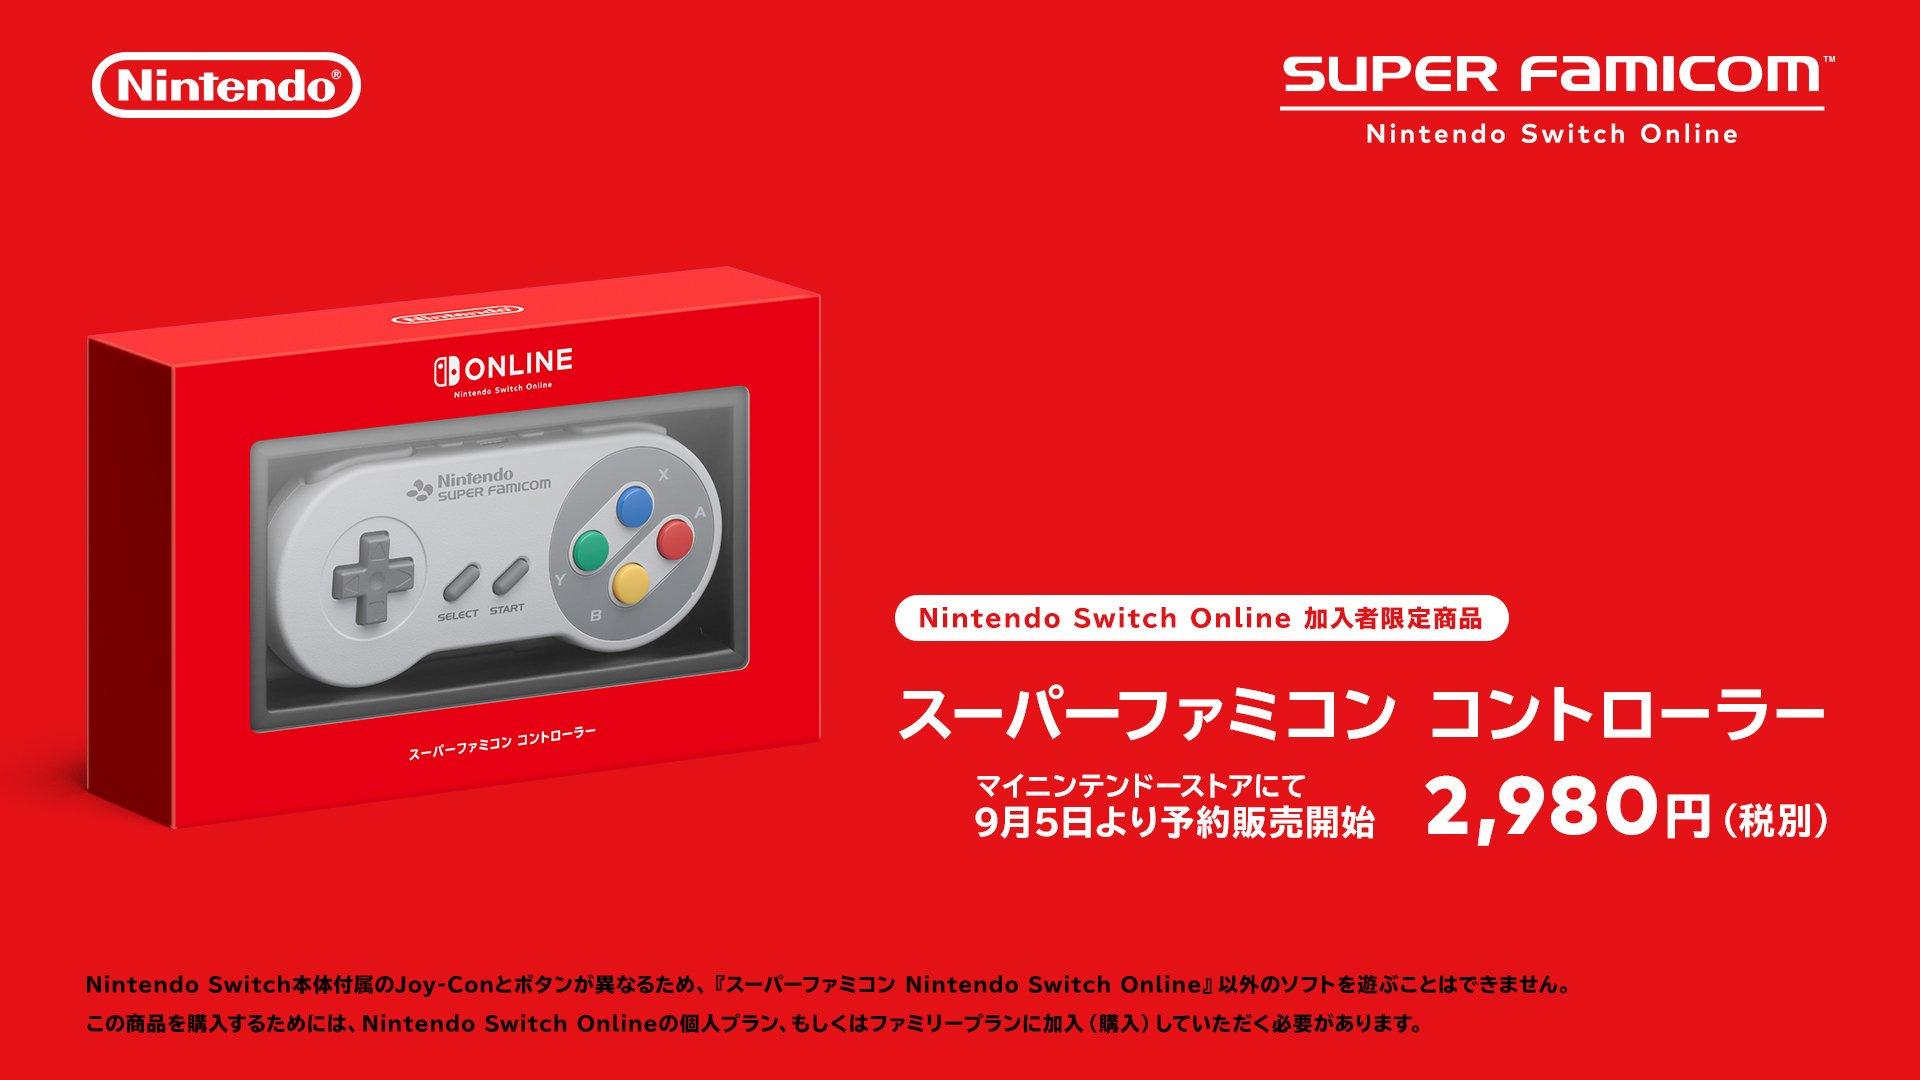 スイッチ用スーパーファミコン コントローラーを買うべき7つの理由